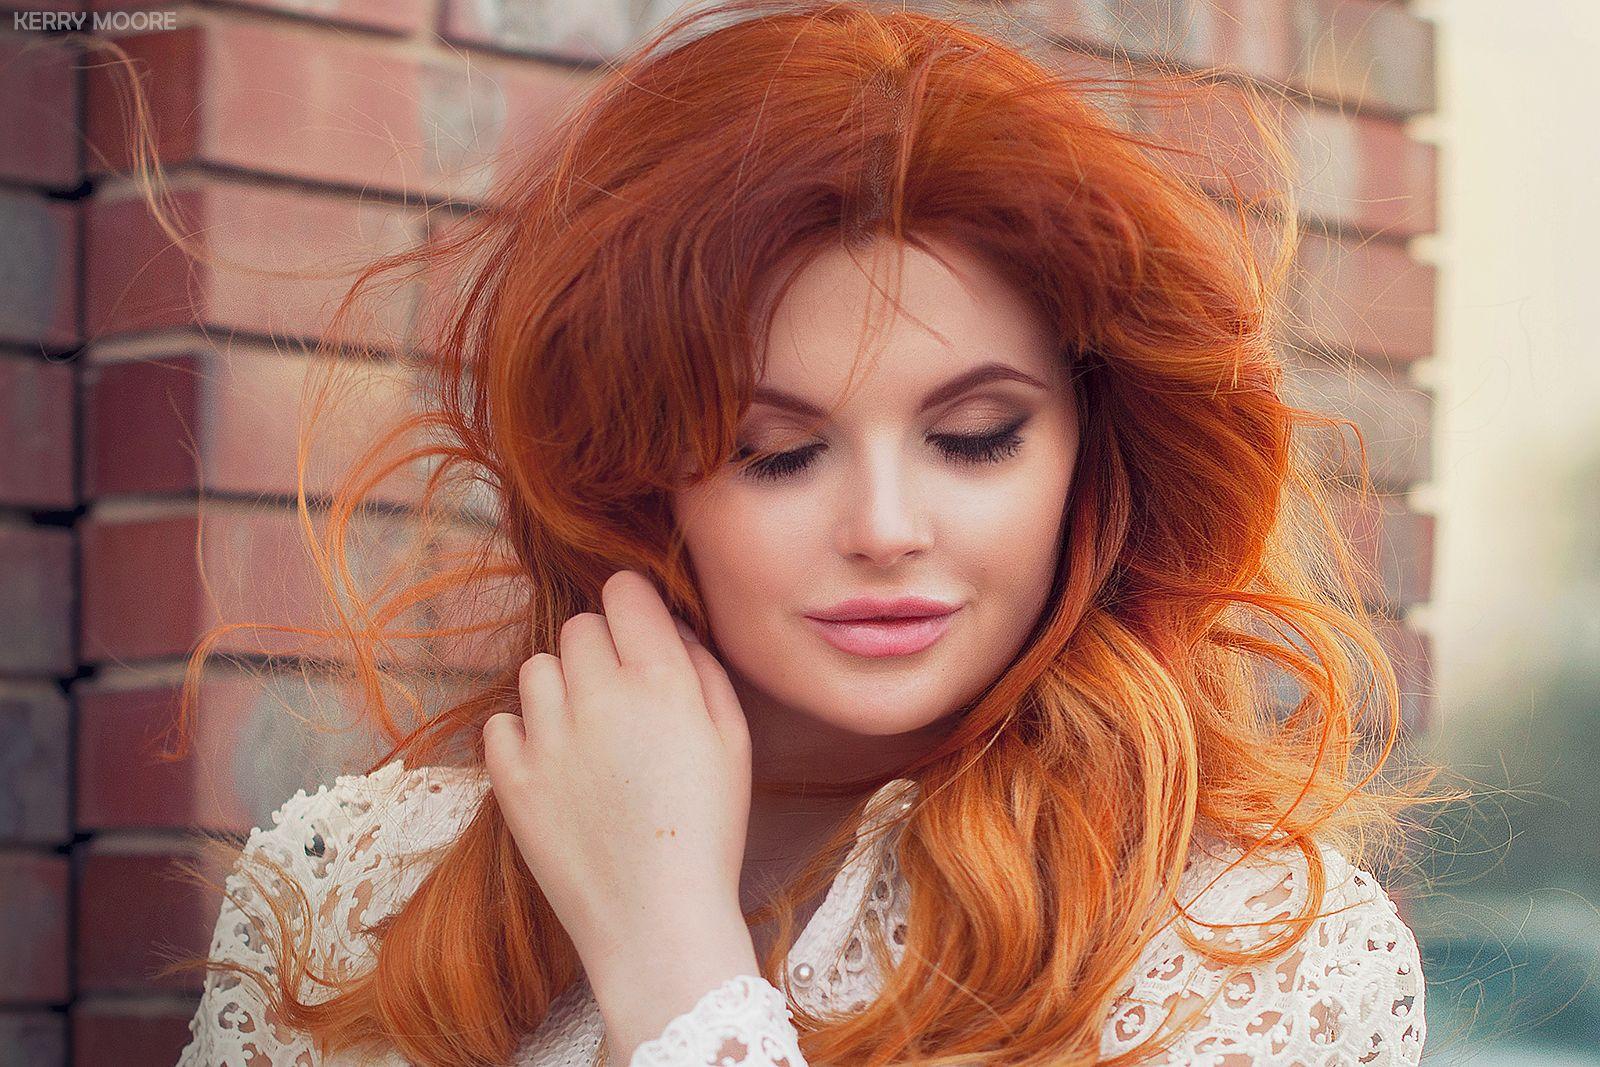 Mira girl portrait model color emotion